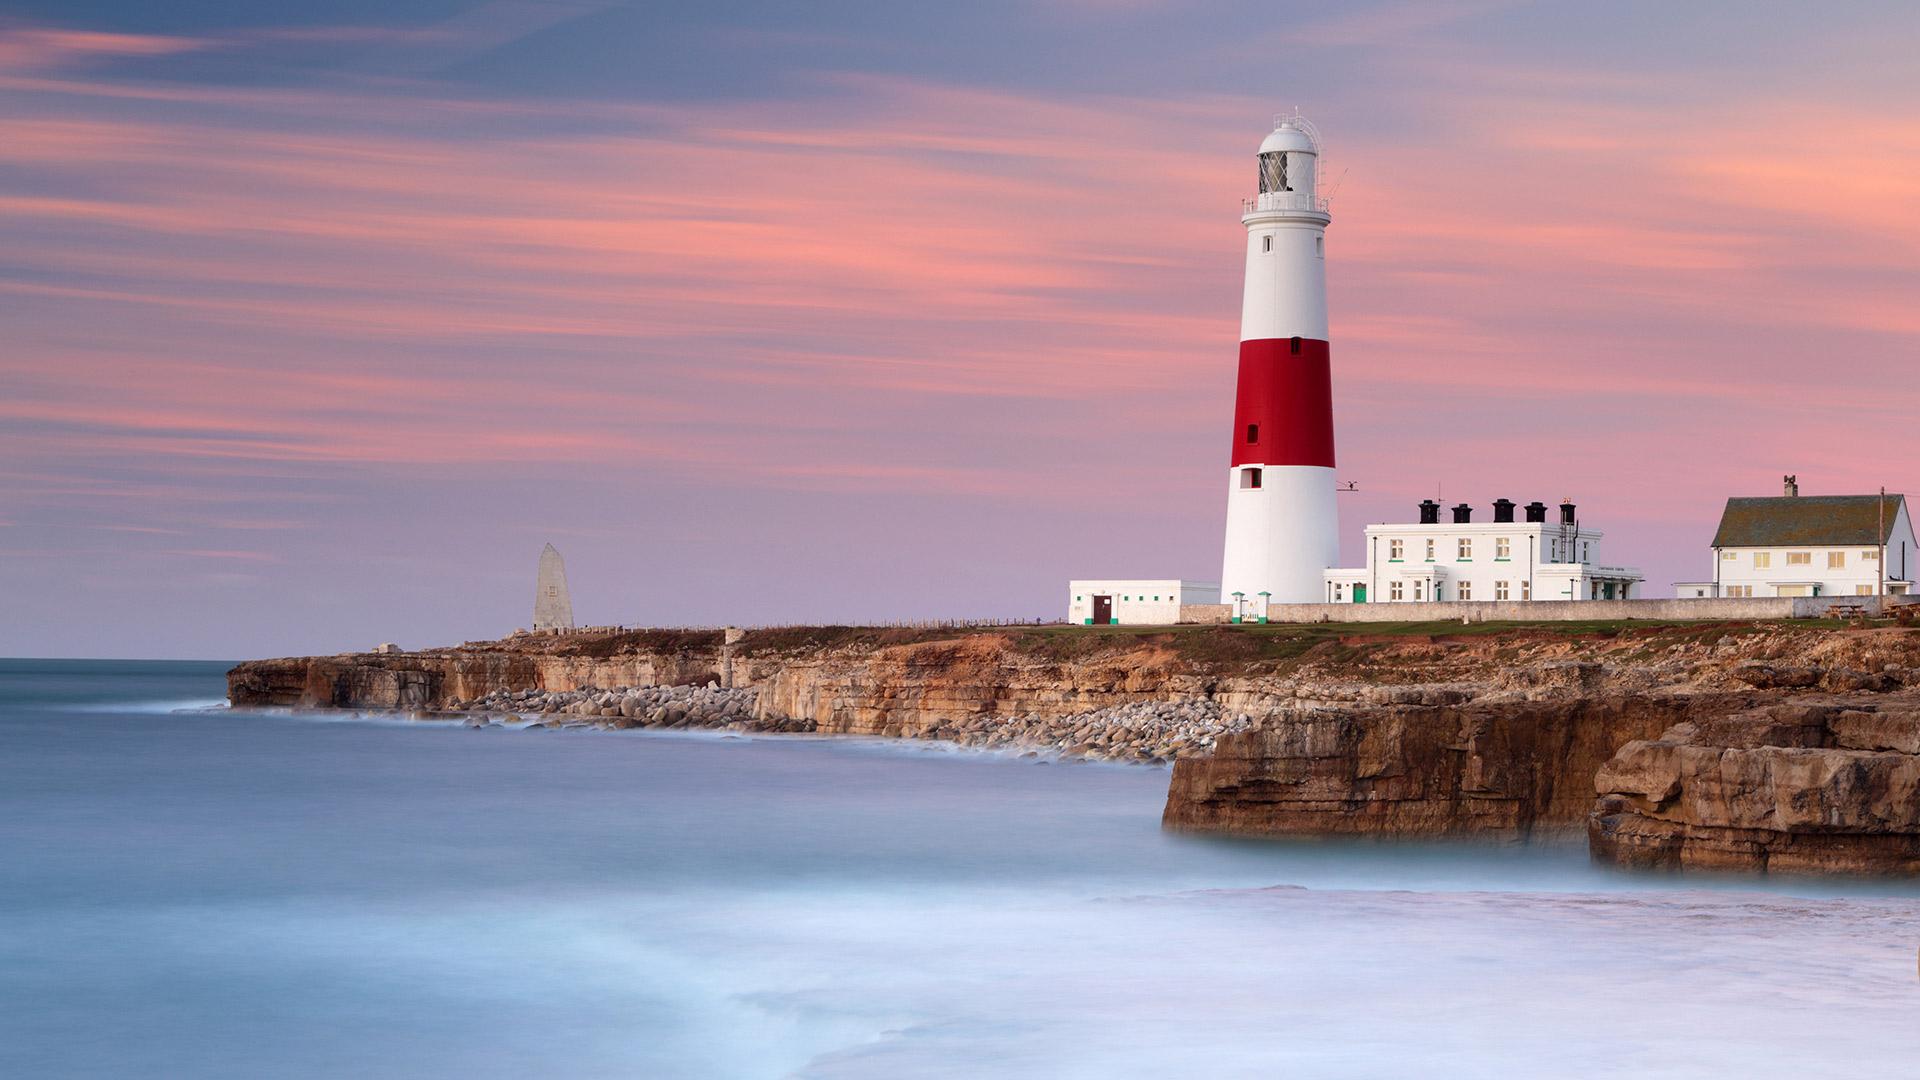 「ポートランドビル灯台」イギリス, ドーセット (© Lee Pengelly/Getty Images Plus)